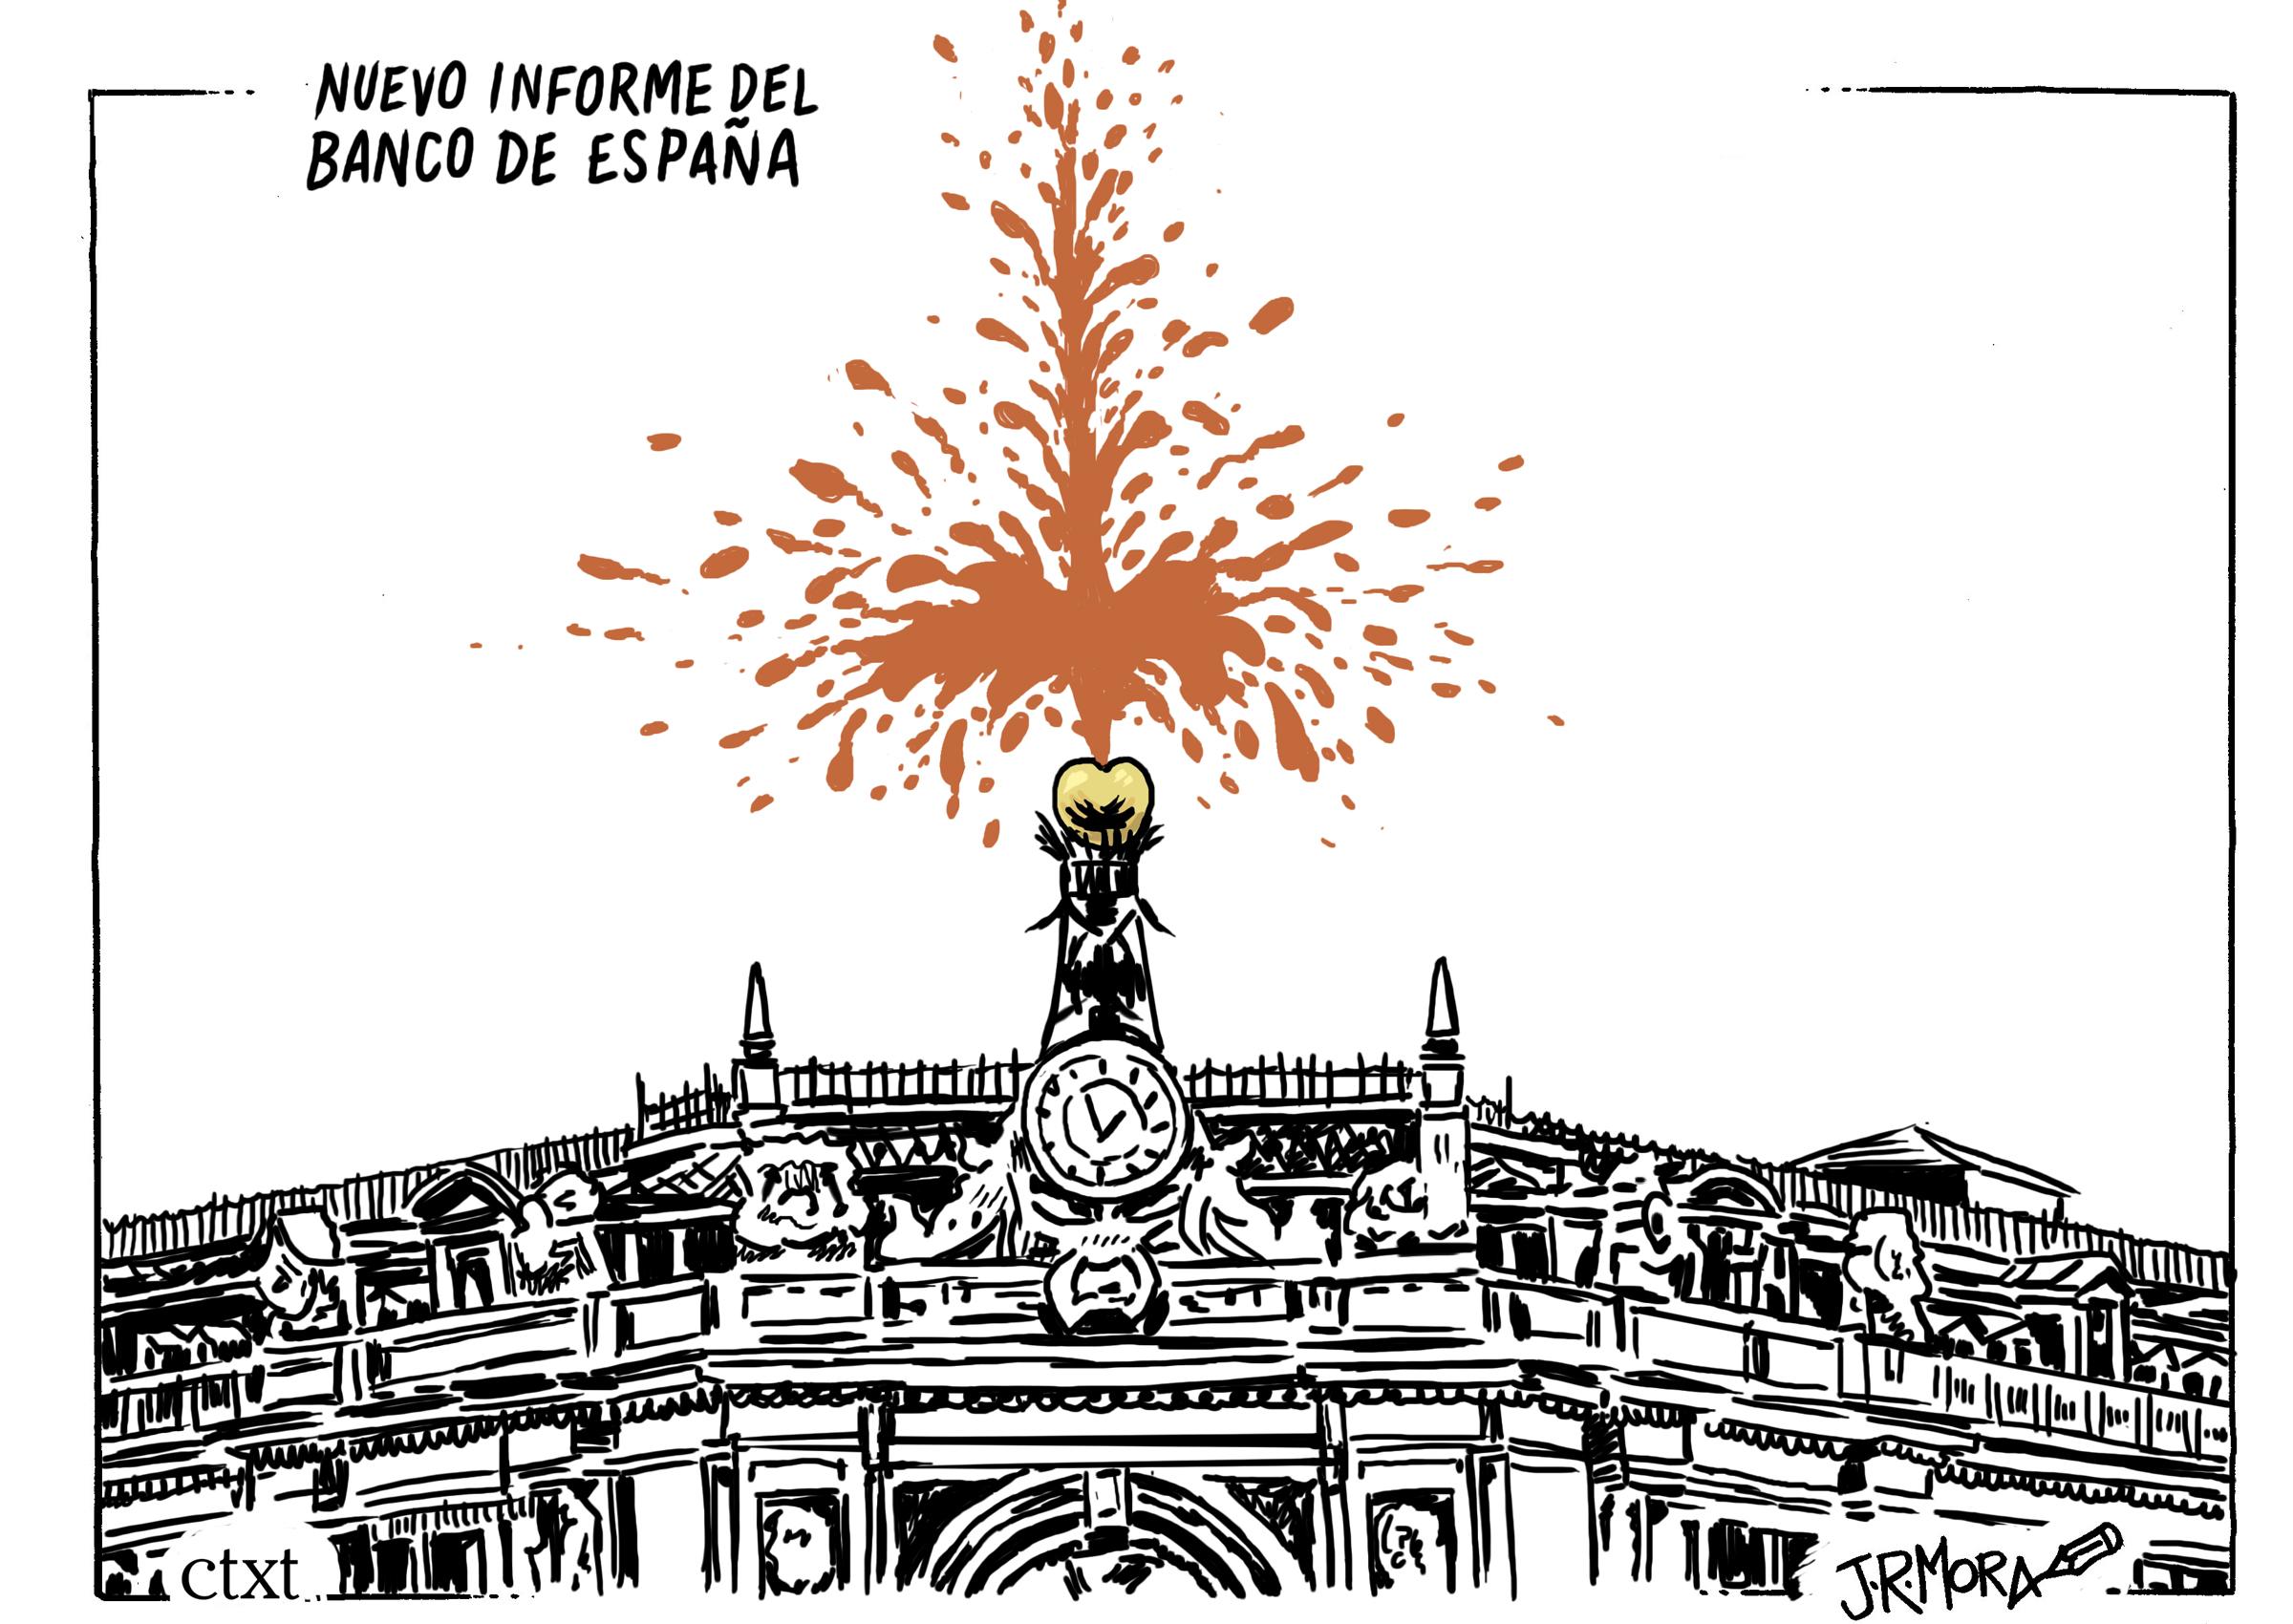 <p>Banco de España.</p>